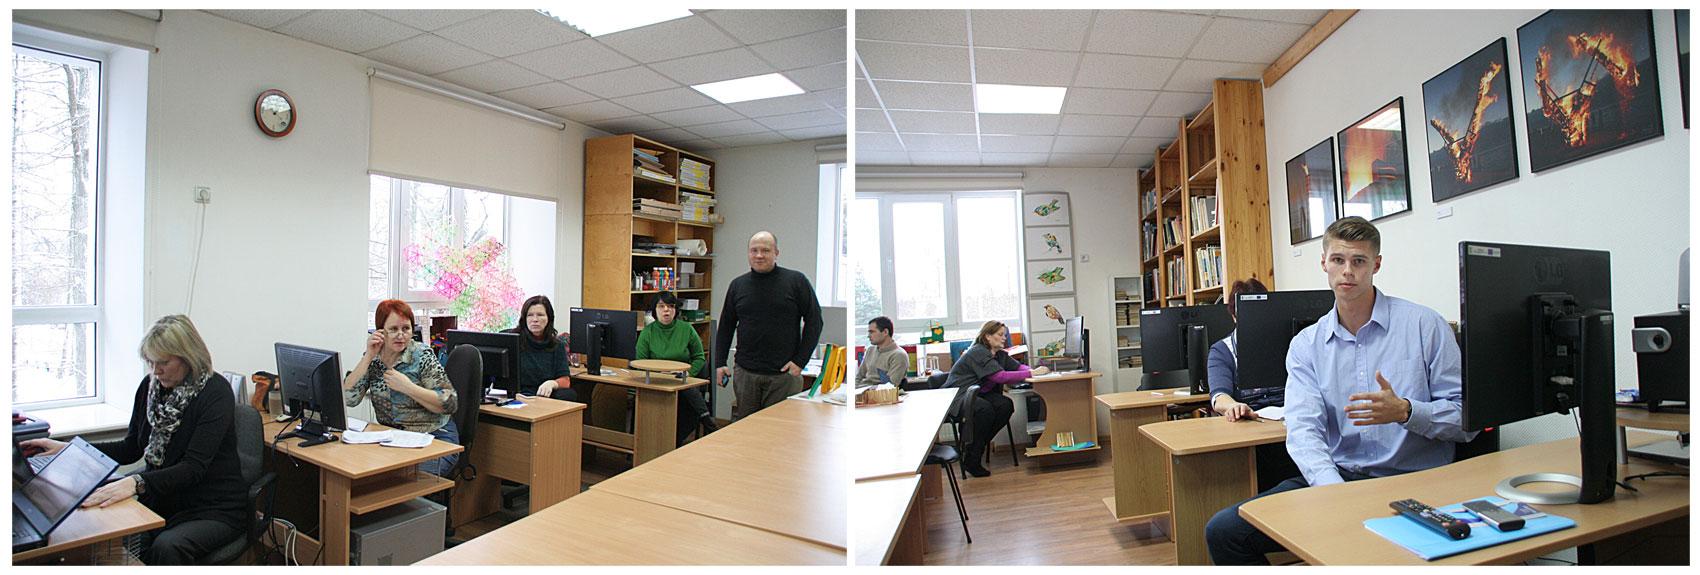 2013-12-16-Kopš-decembra-sākuma-arī-Gulbenes-Mākslas-skola-ir-E-KLASĒ!-Nesen-pie-mums-viesojās-un-skolvadības-sistēmā-ieskatu-sniedza-e-klases-pārstāviji-Persijs-un-Kārlis